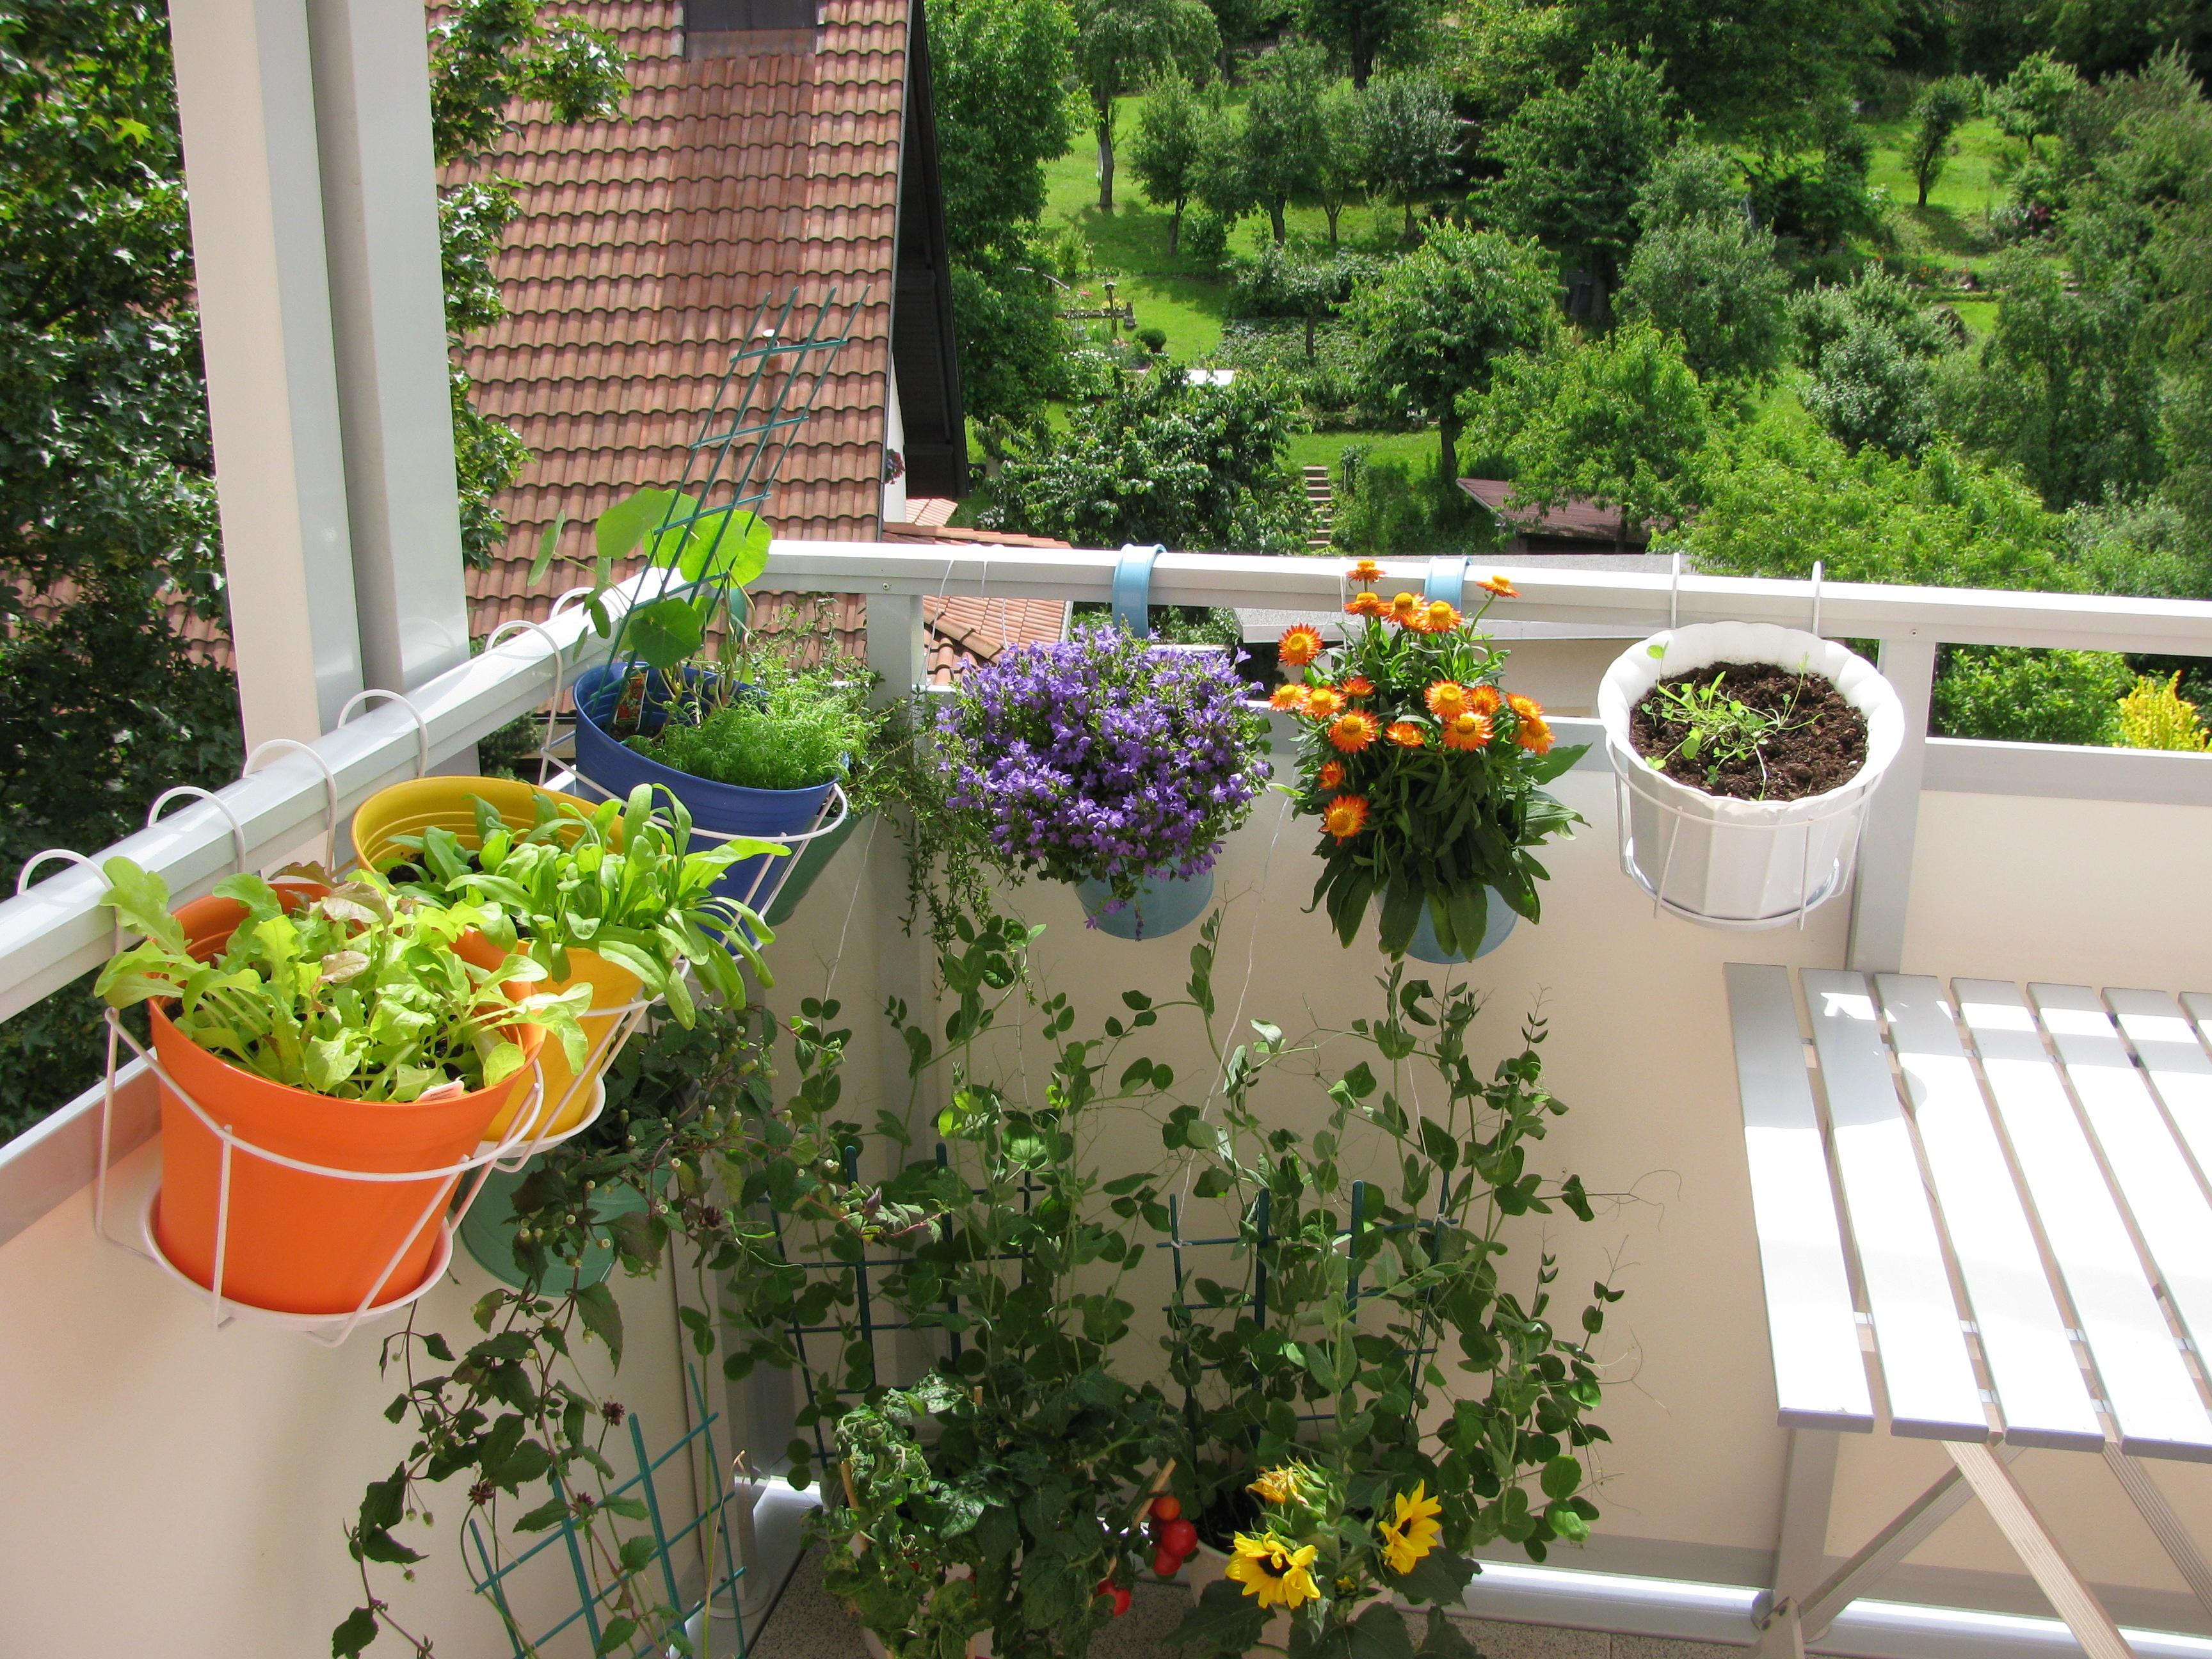 Aménager Son Balcon Avec Des Palettes comment aménager son balcon pour en faire un coin de nature ?